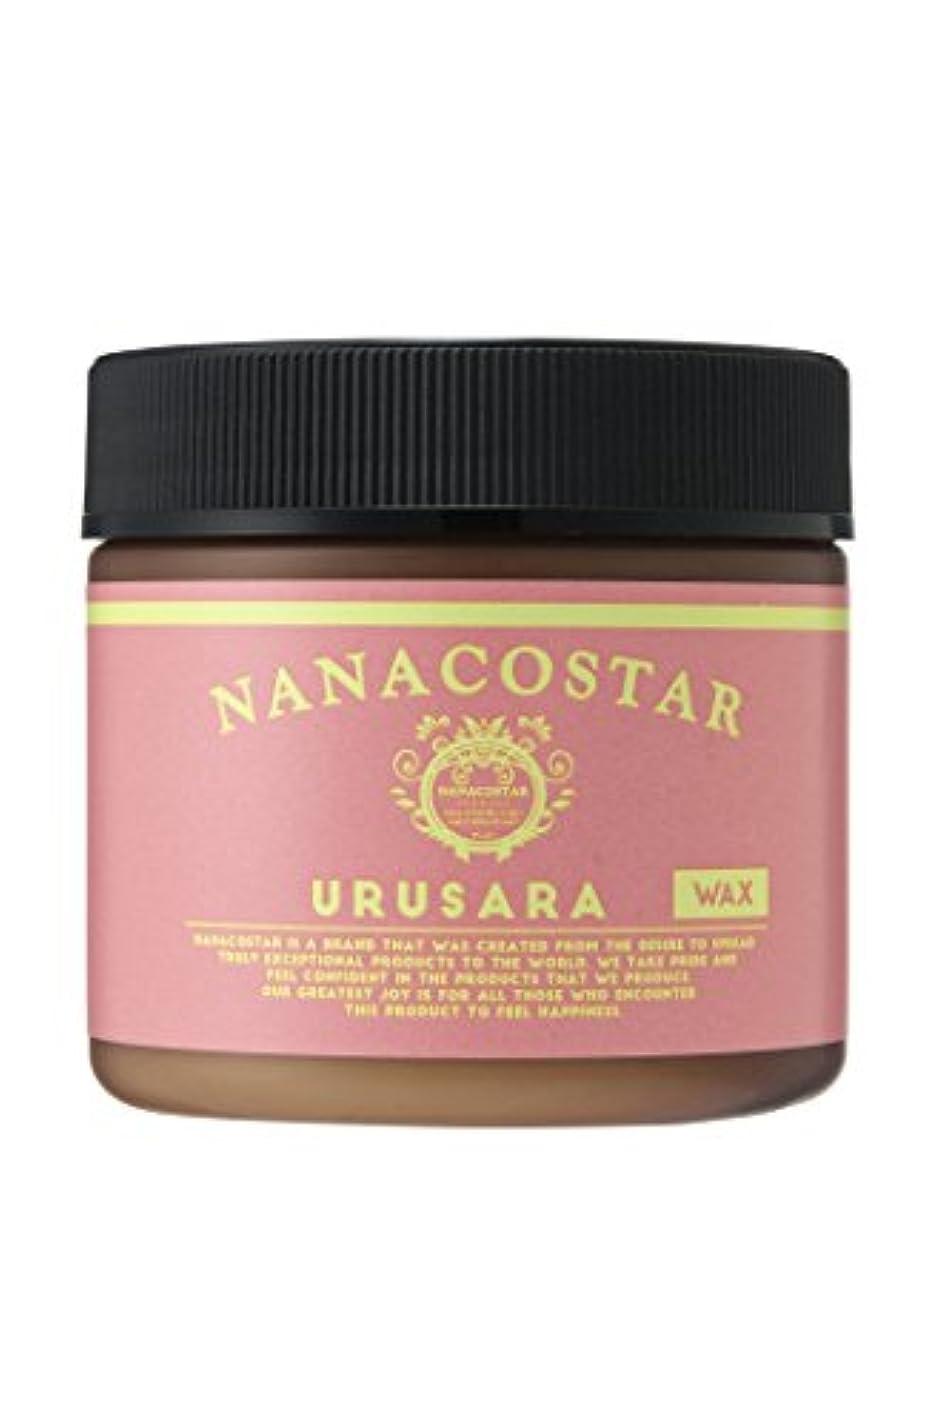 副詞証明予知ナナコスター [NANACOSTAR] ウルサラワックス URUSARA WAX 75g